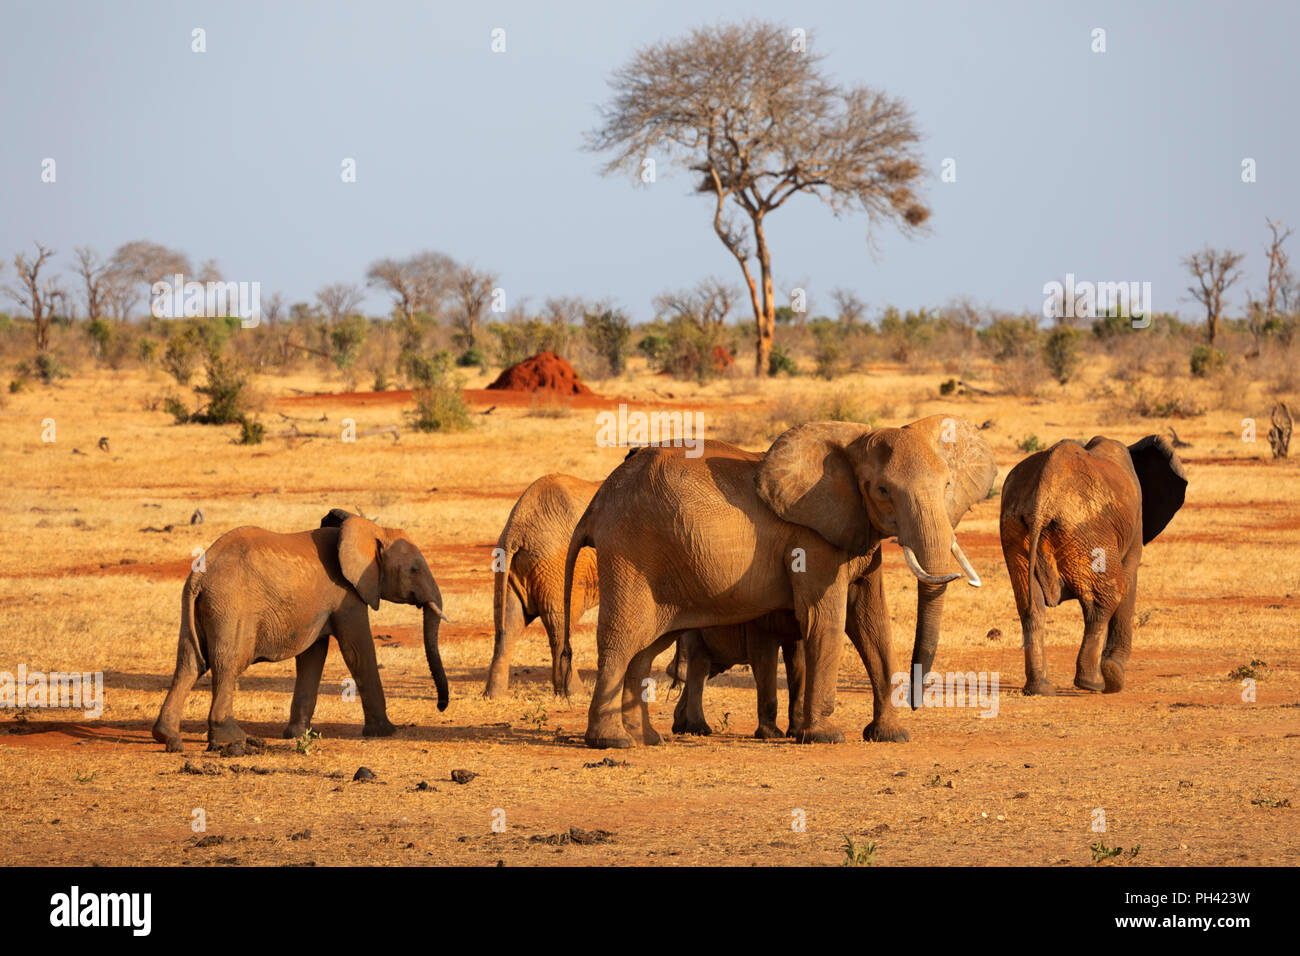 TSAVO EAST NATIONAL PARK, Kenya, Afrique - un troupeau d'éléphants et de veaux traversant la savane sèche avec acacia dans la lumière du soleil du soir Photo Stock